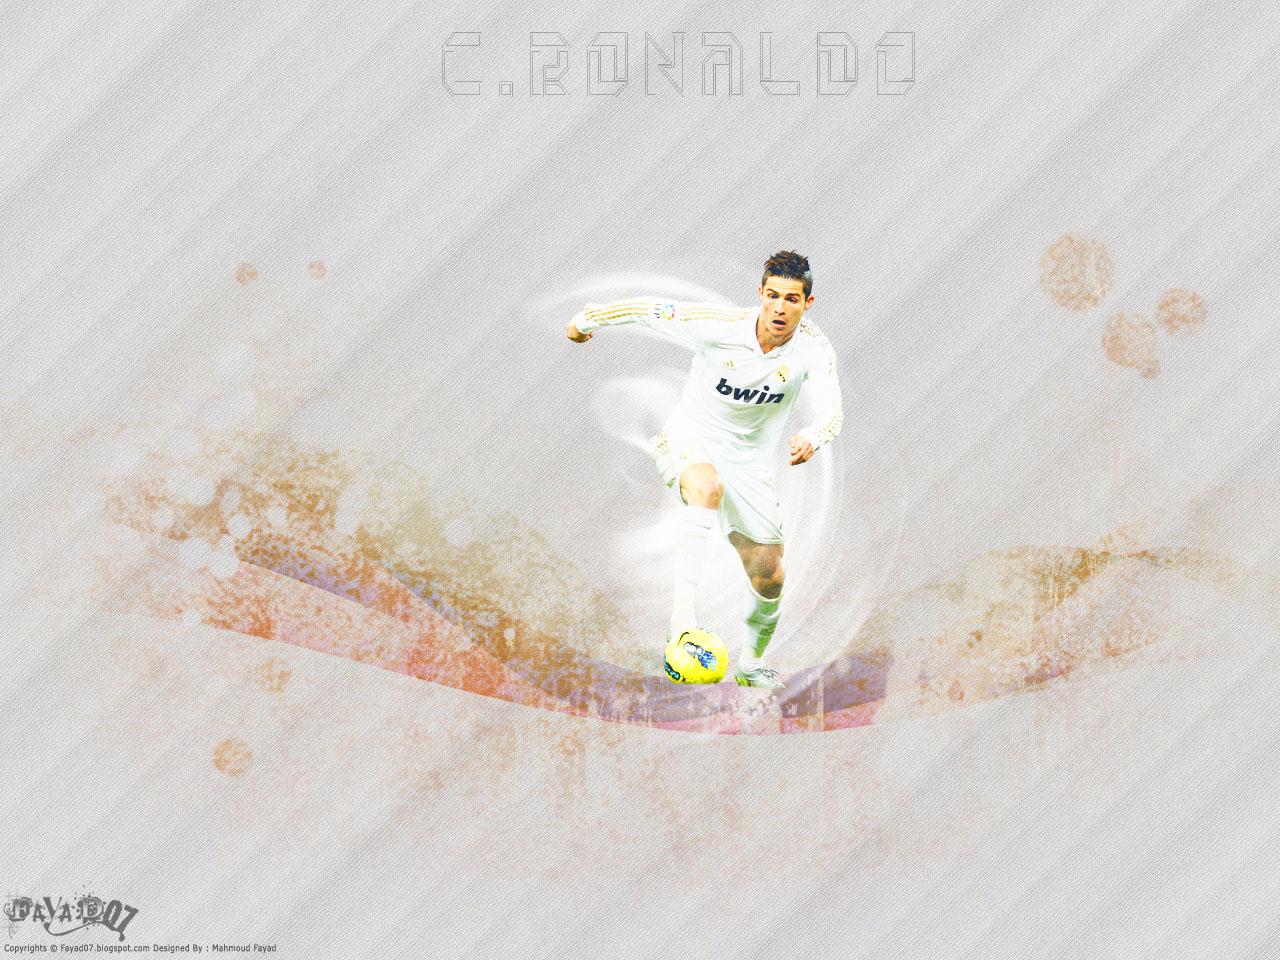 http://4.bp.blogspot.com/-UNMwb-y1qIQ/UOM07AAkaRI/AAAAAAAAEXg/5VQXsWoJBbk/s1600/35_C+Ronaldo.jpg